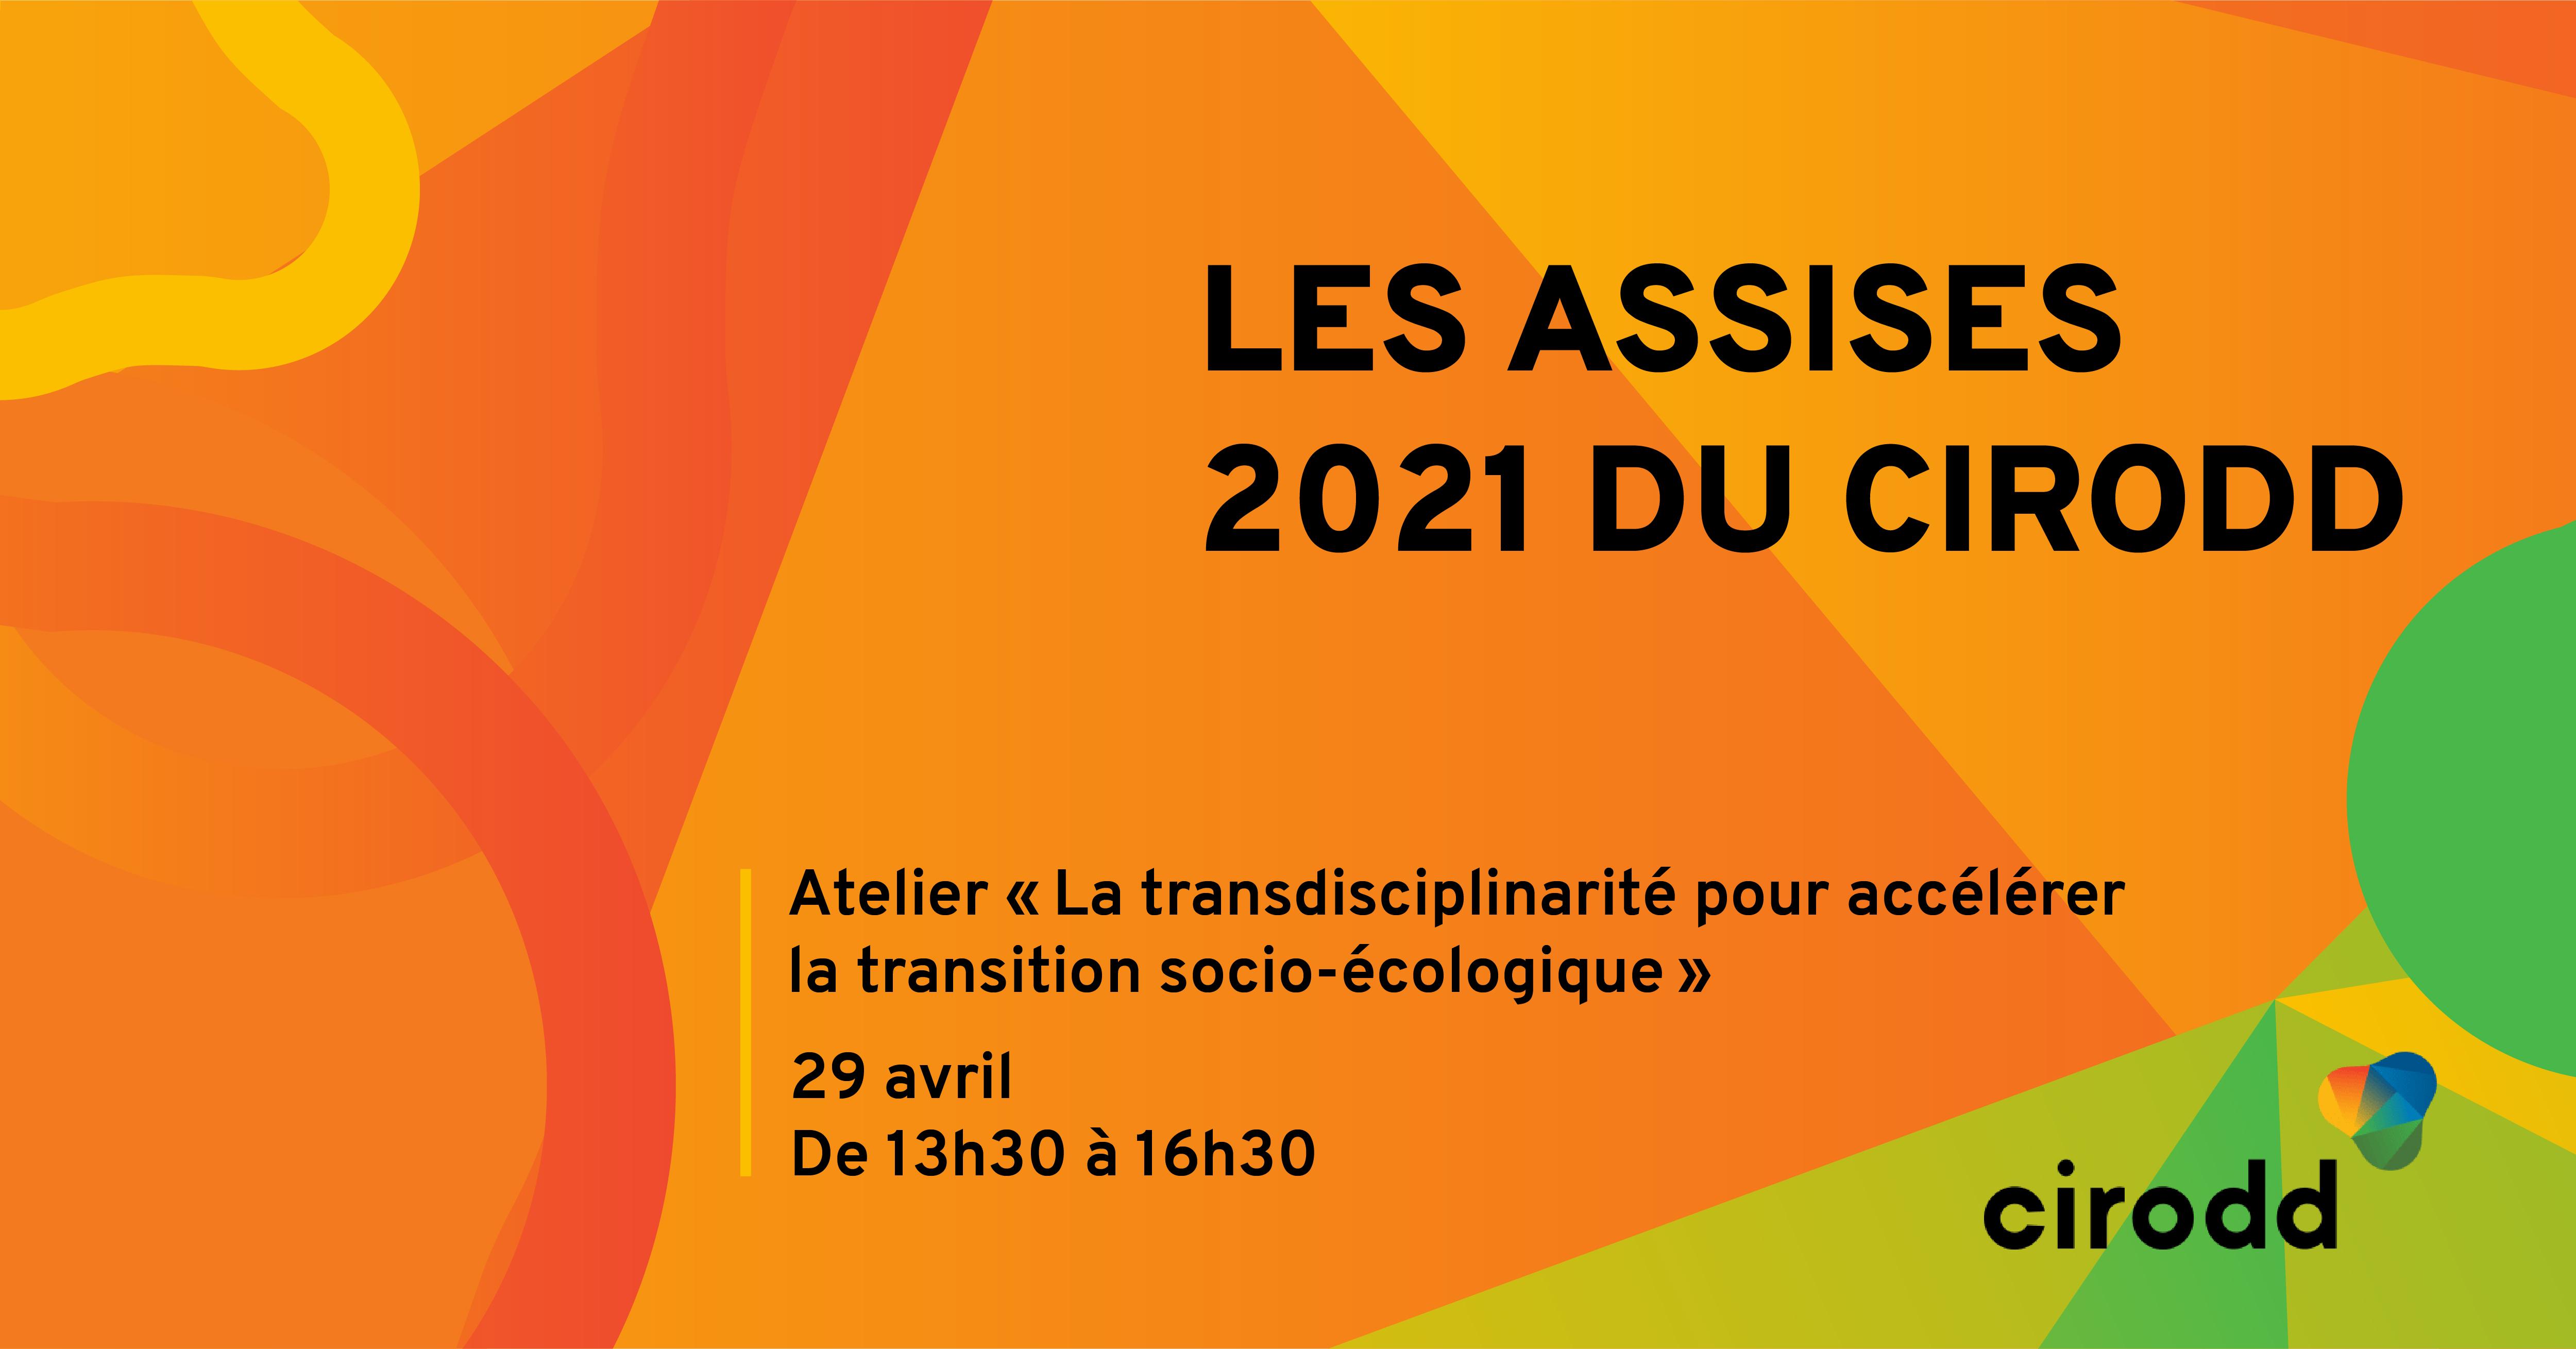 Les Assises 2021 du CIRODD – Atelier « La transdisciplinarité pour accélérer la transition socio-écologique »